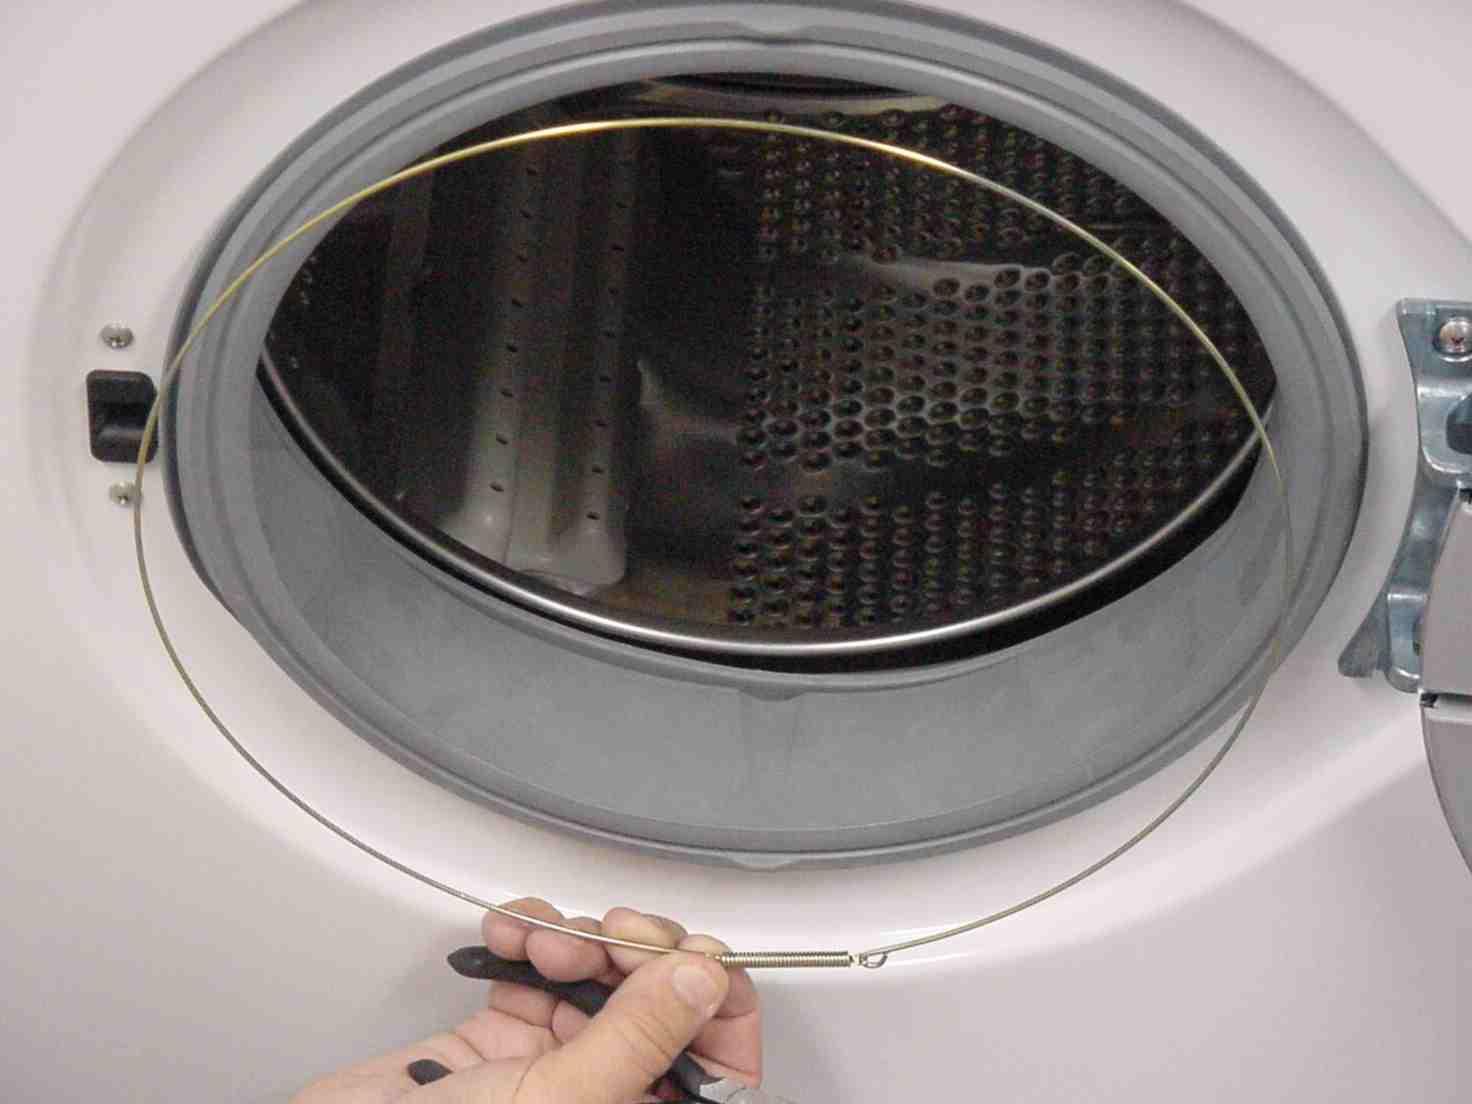 איך לשים מסטיק על התוף של מכונת כביסה